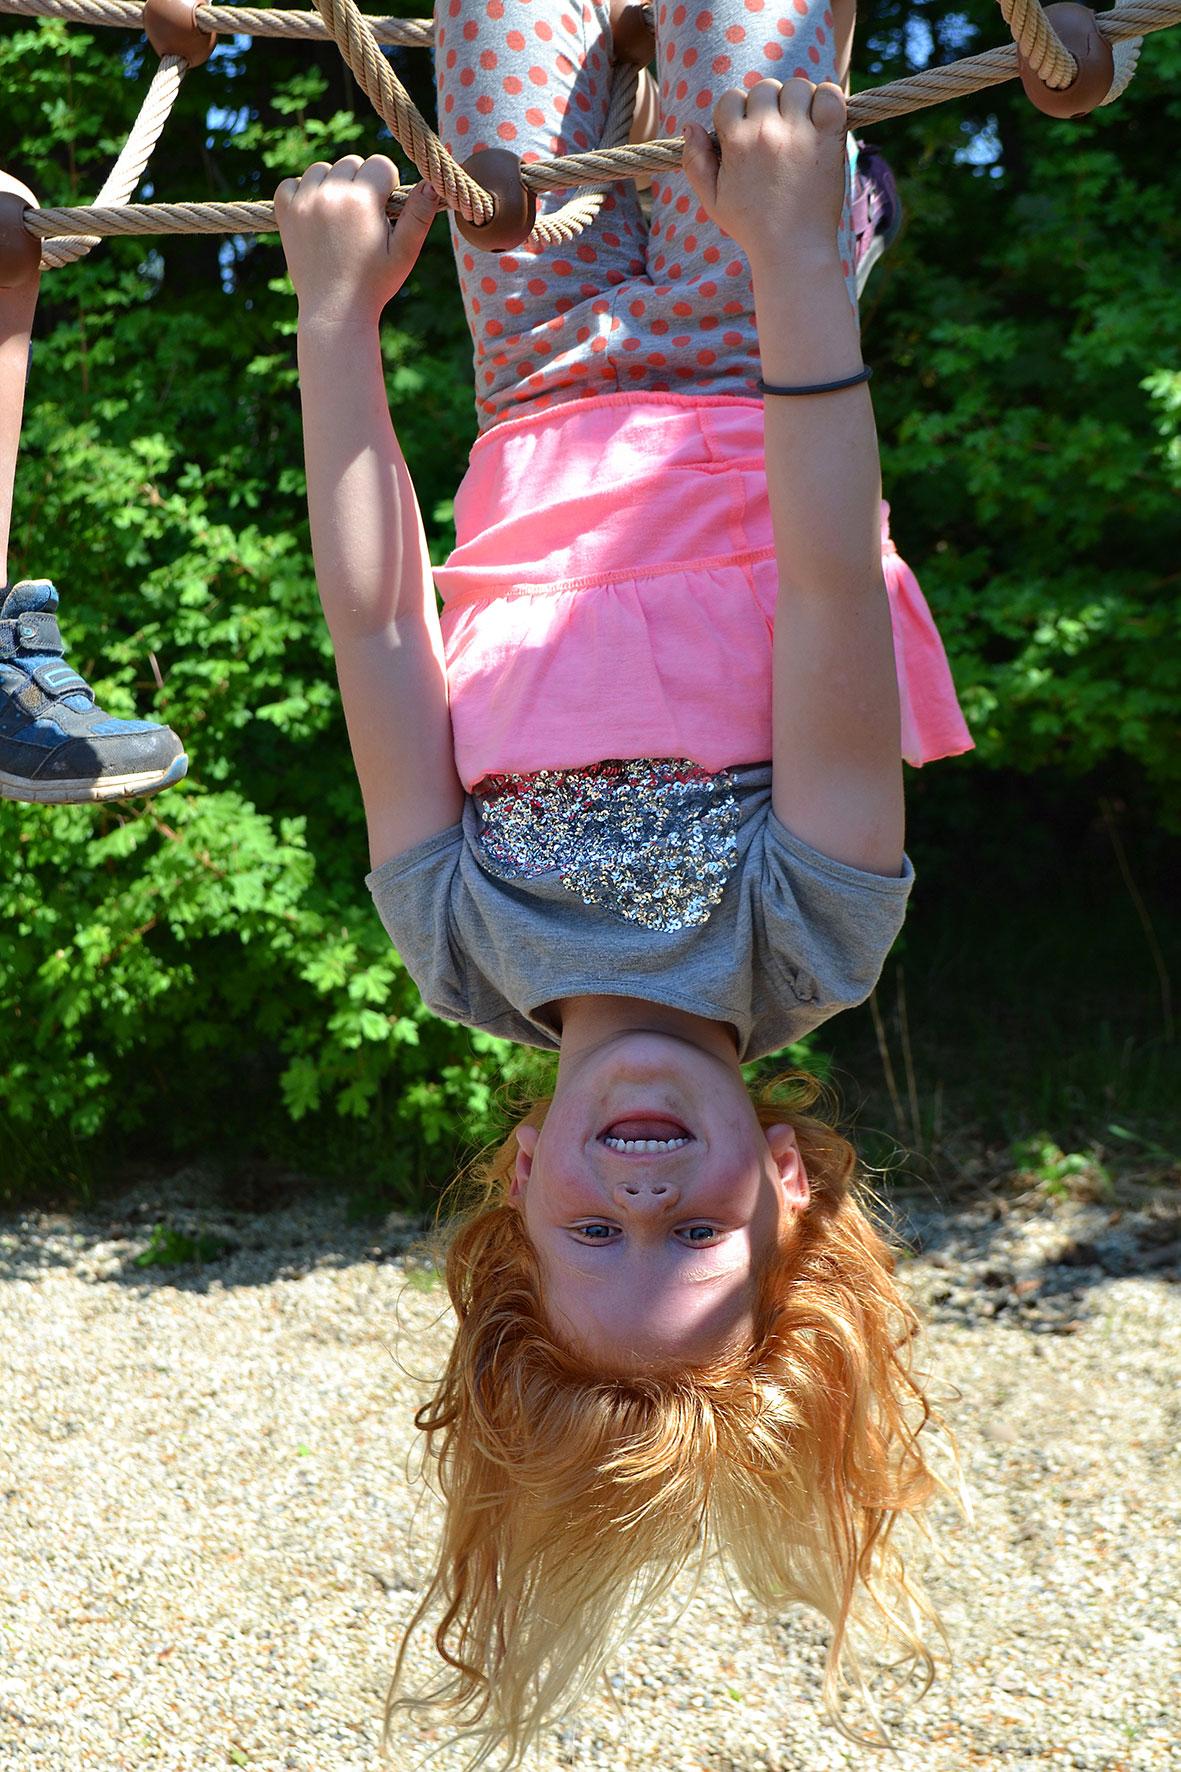 Ledon-little-girl-upsidedown_small.jpg